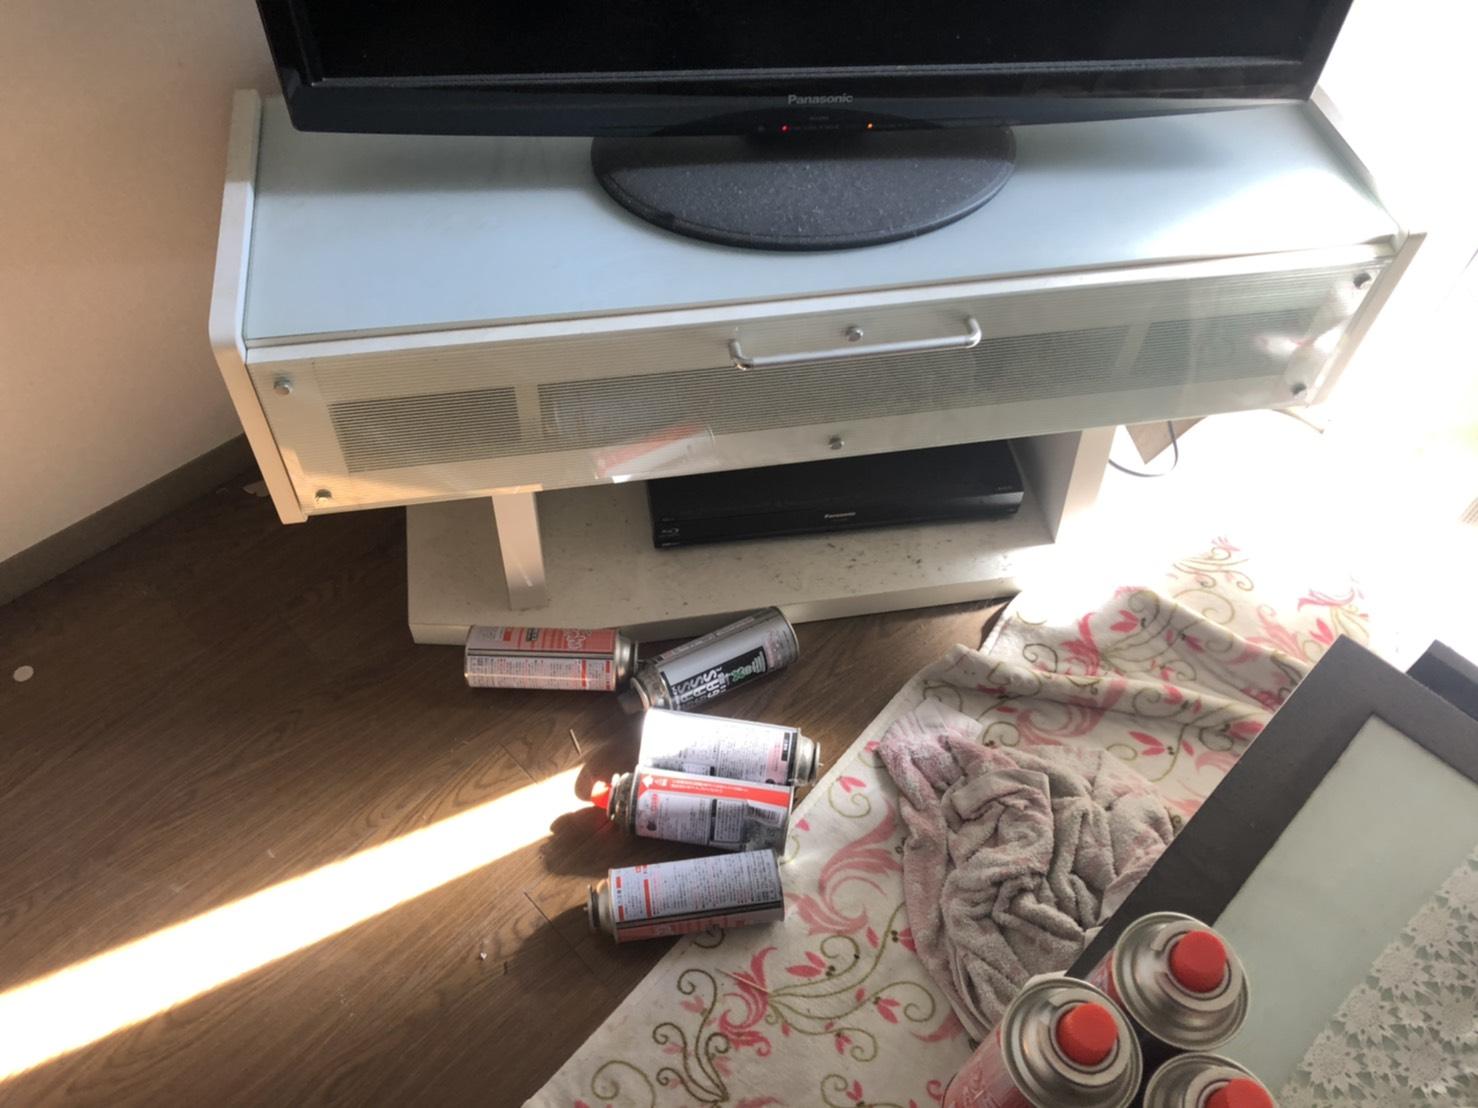 テレビ台、スプレー缶、その他不用品の回収前